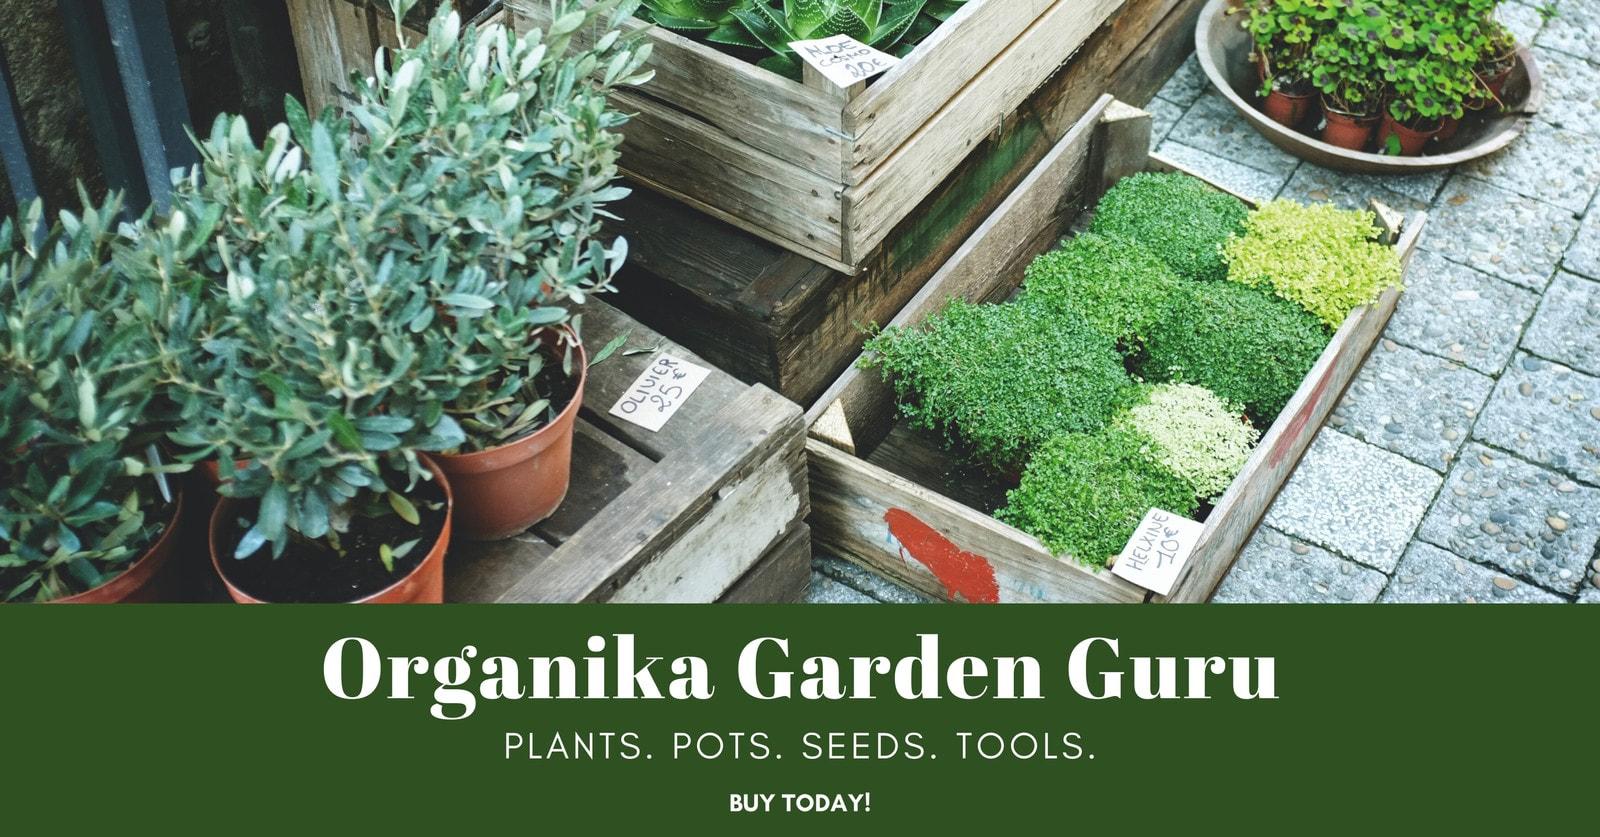 Green Organic Garden Photo Facebook Ad